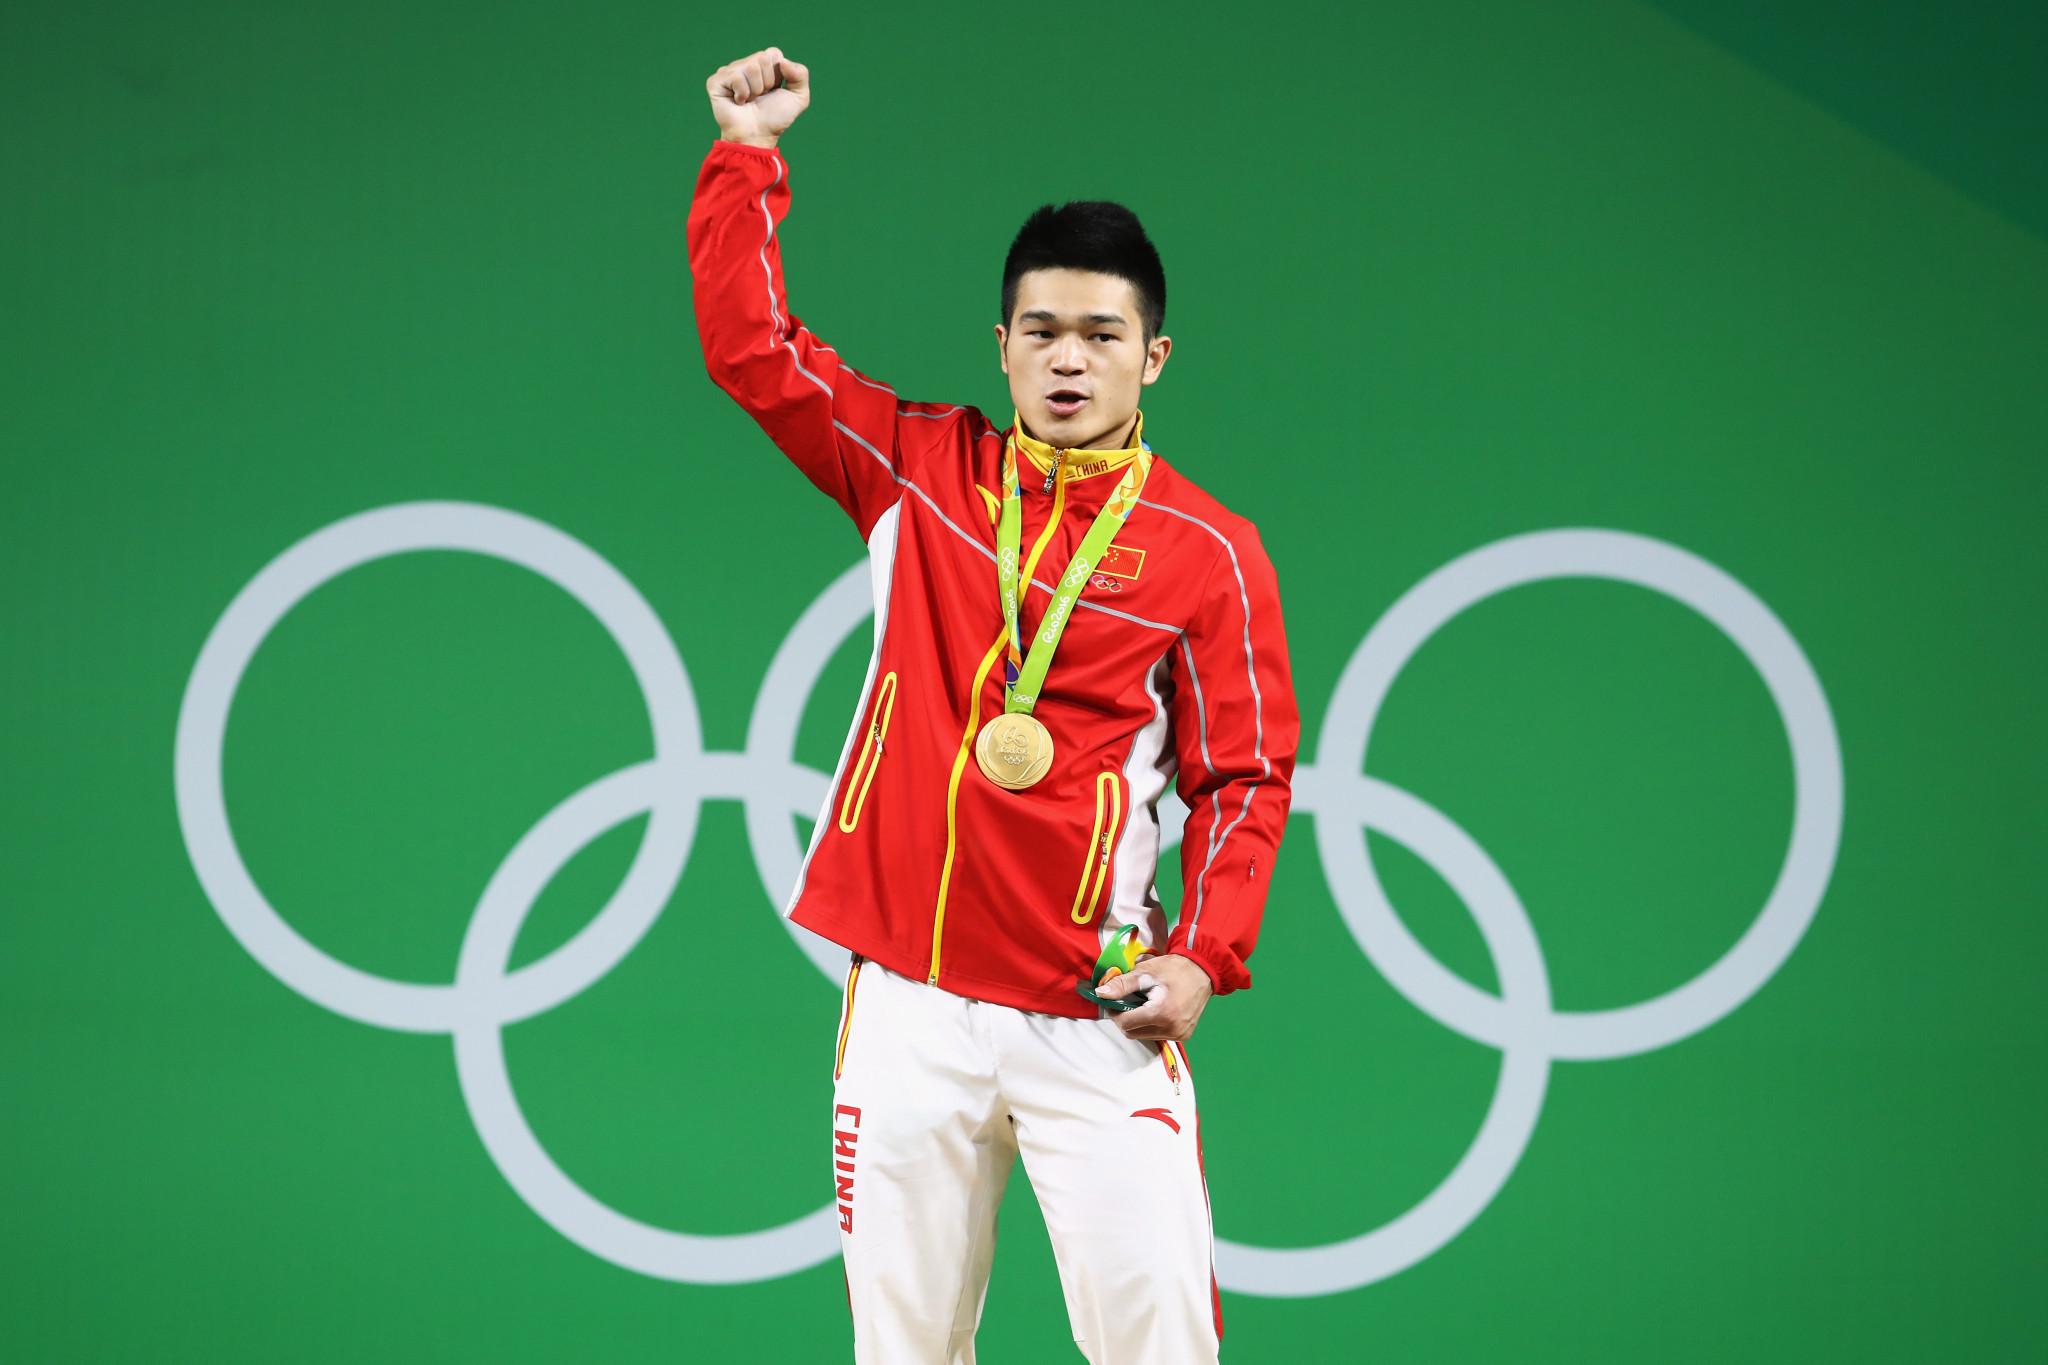 Shi Zhiyong won 69kg gold at Rio 2016 ©Getty Images